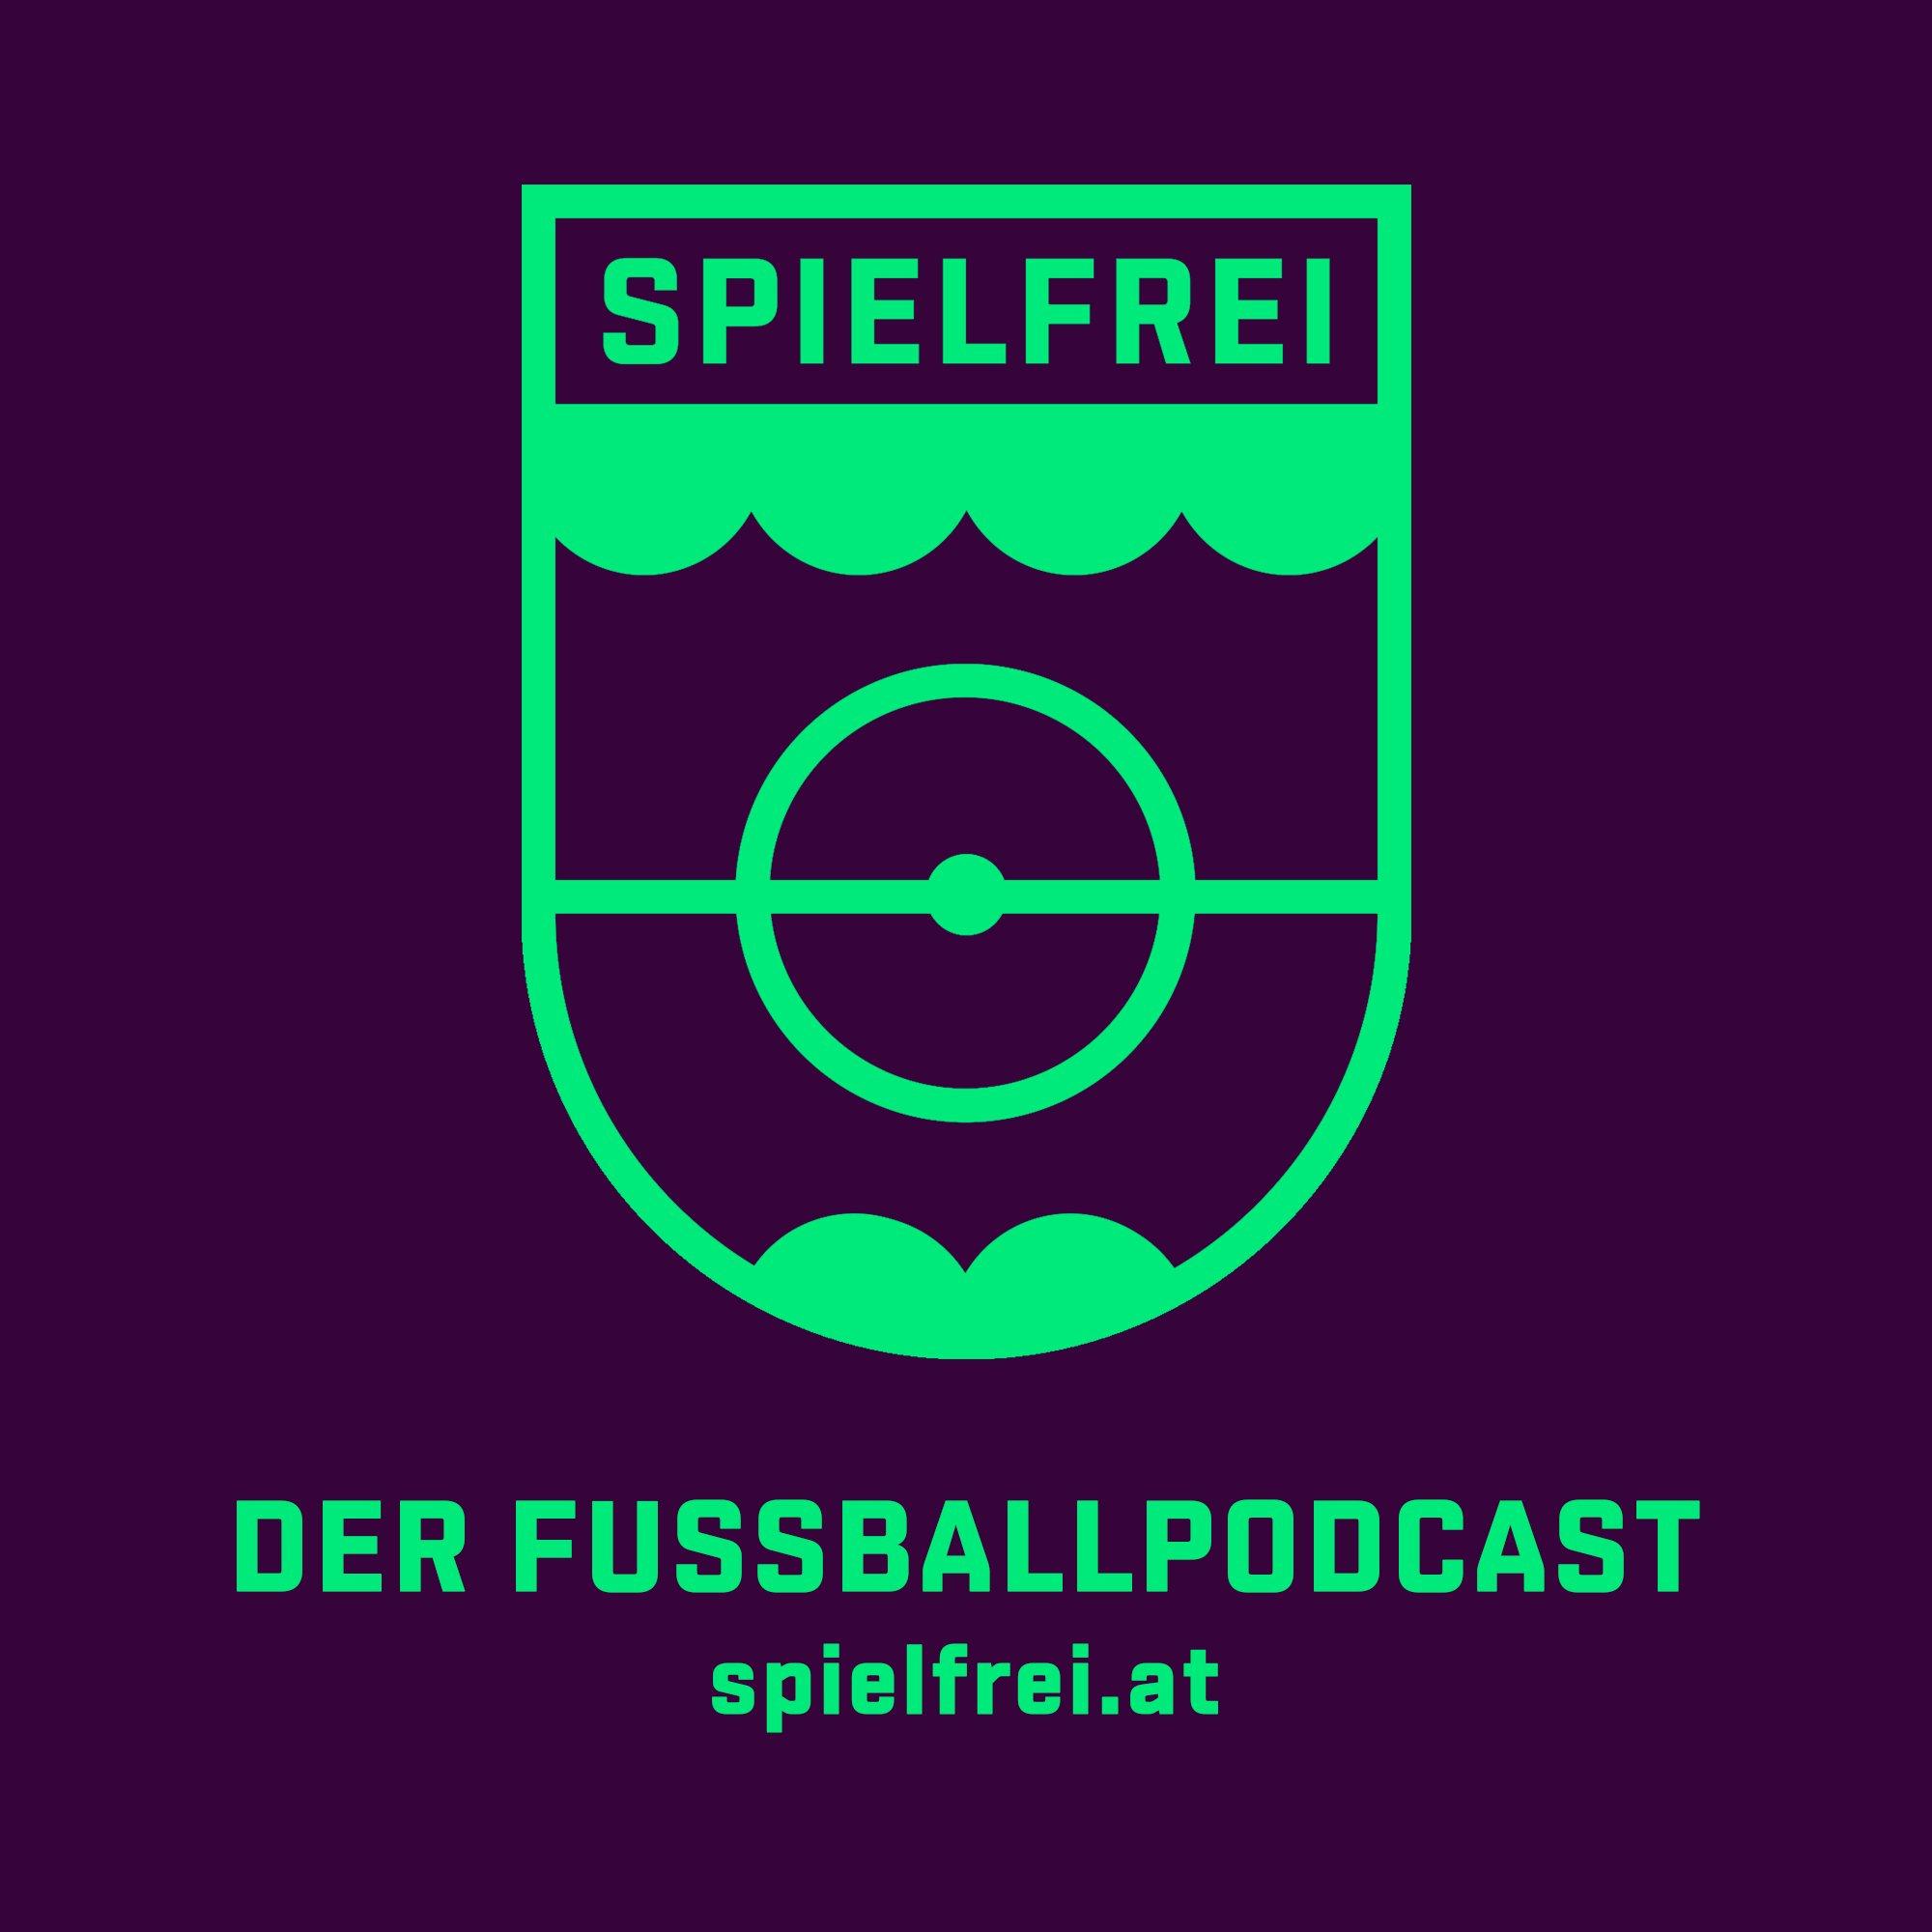 Spielfrei - der Fussballpodcast show art